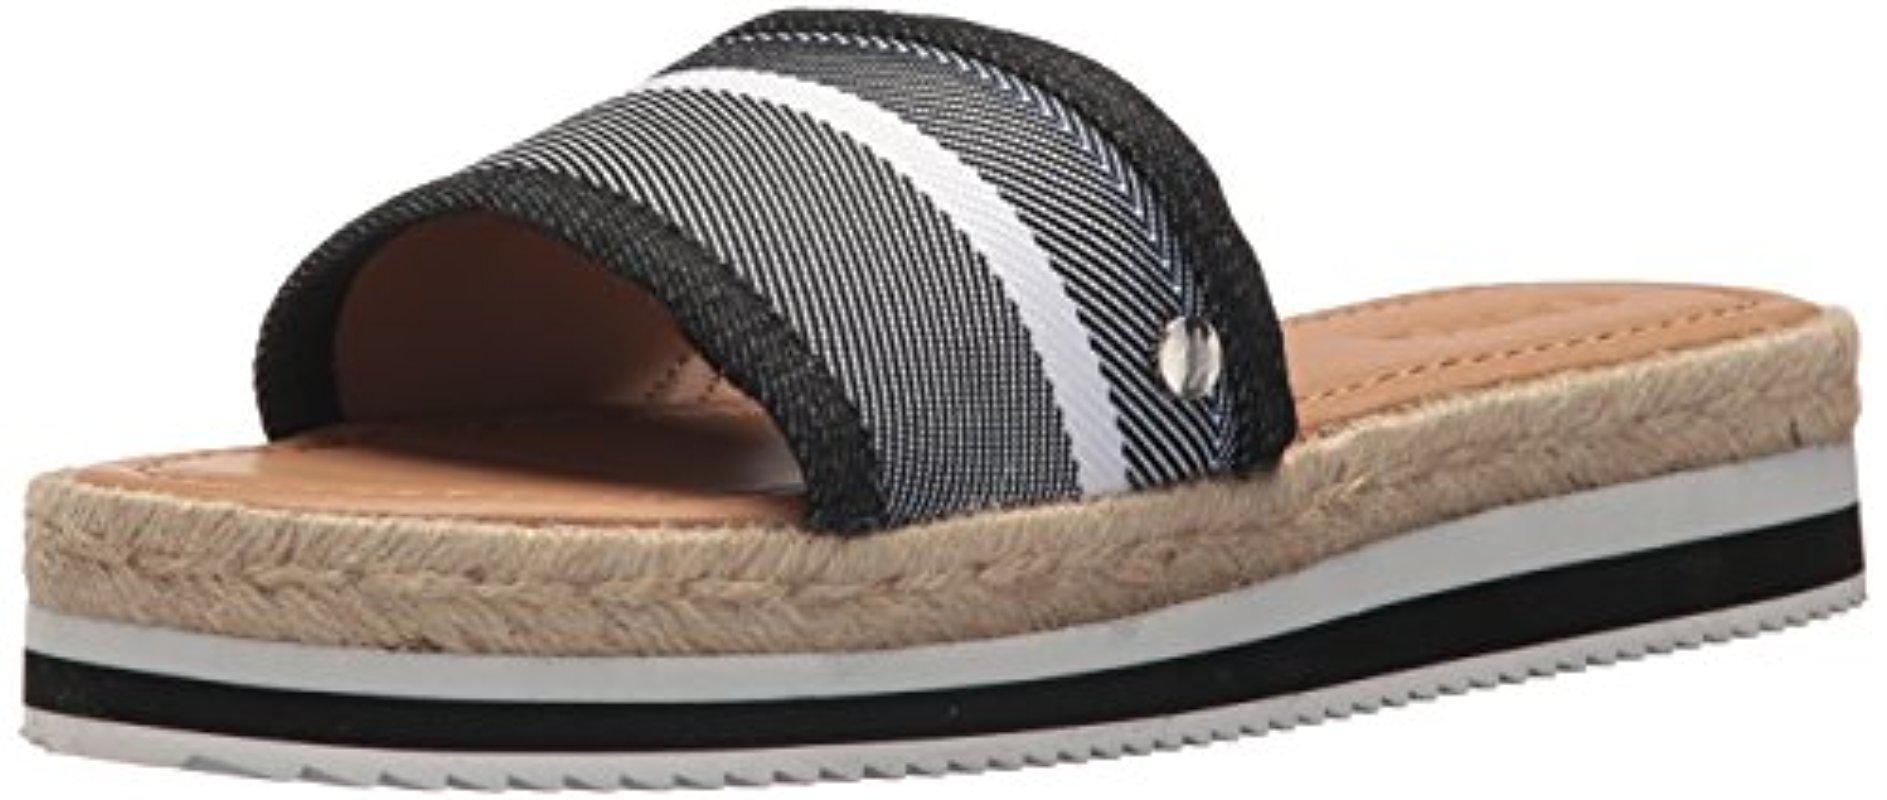 Women's Tidegate Slide Sandal